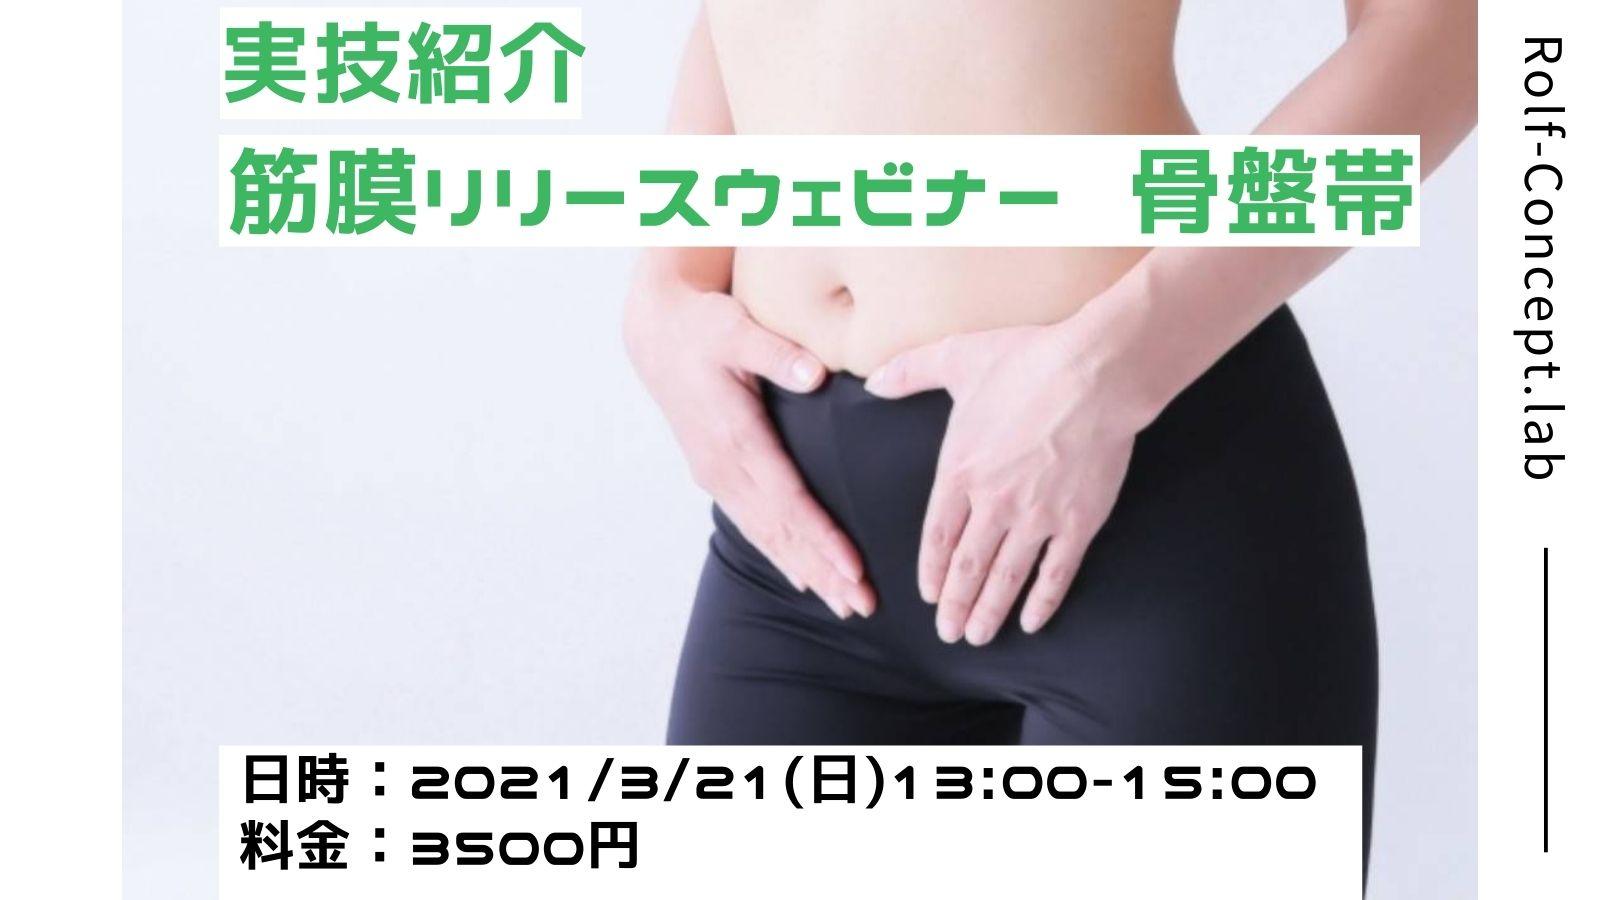 2021/03/21(日) 筋膜リリースウェビナー 骨盤帯